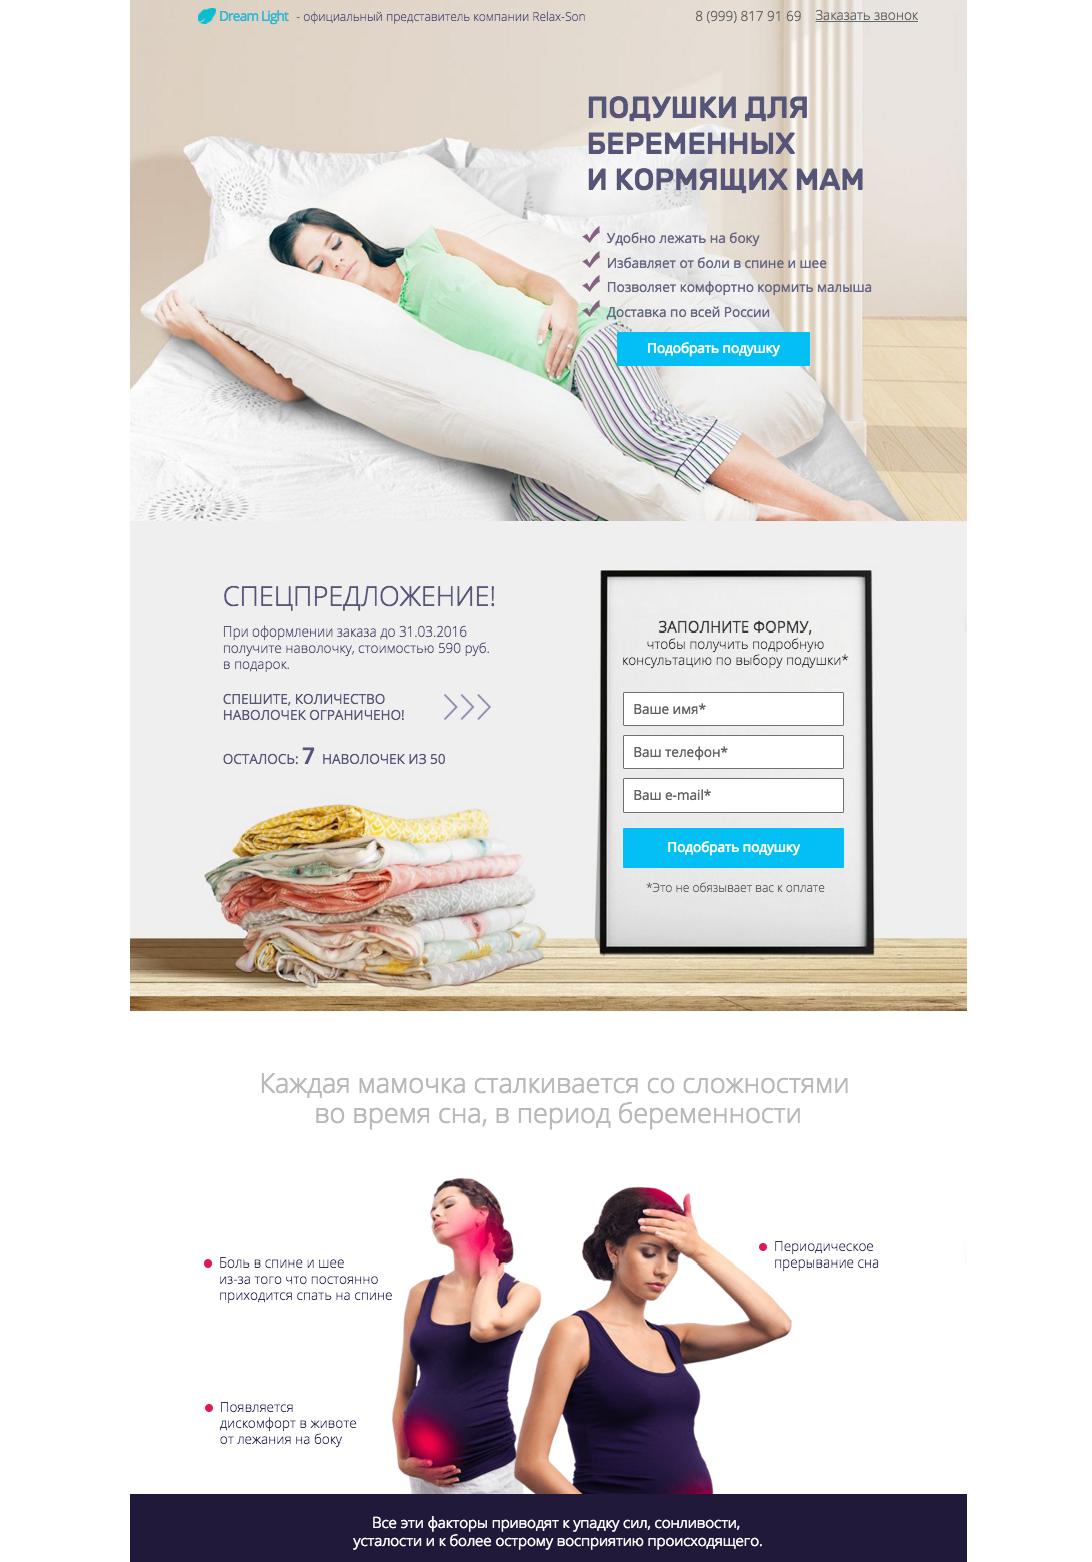 Landing page для продажи подушек для беременных